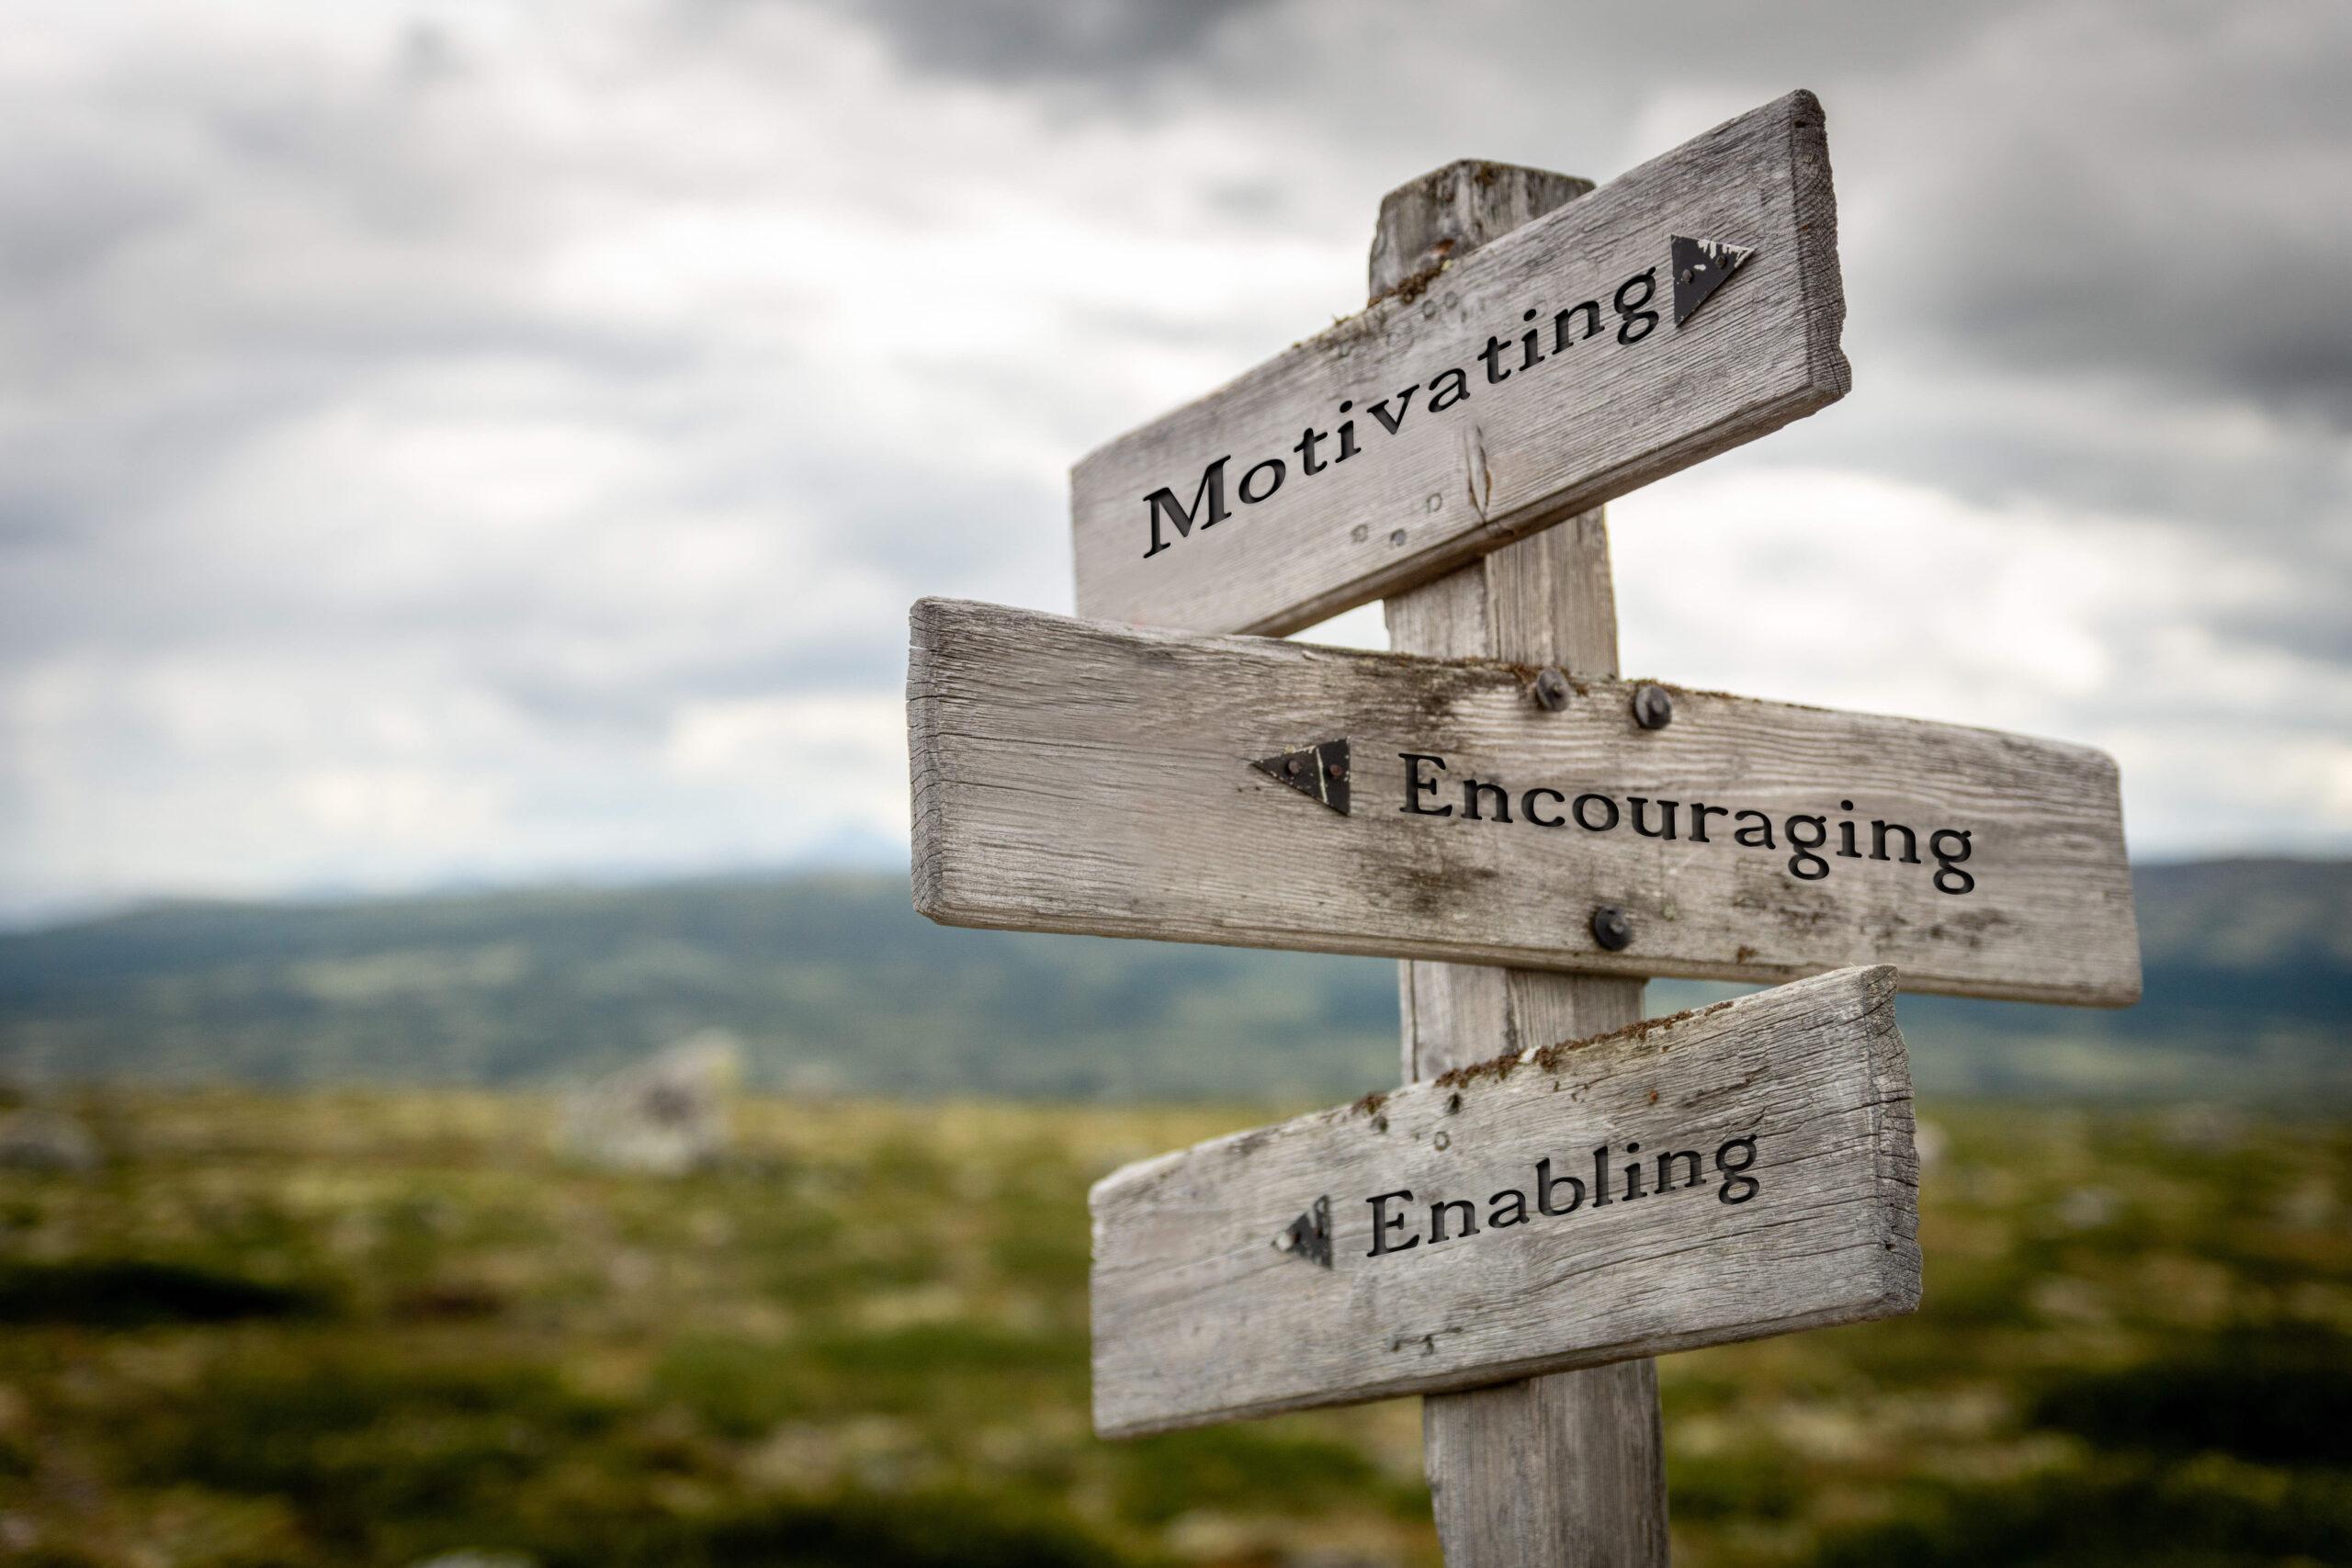 What Does Enabling Look Like?